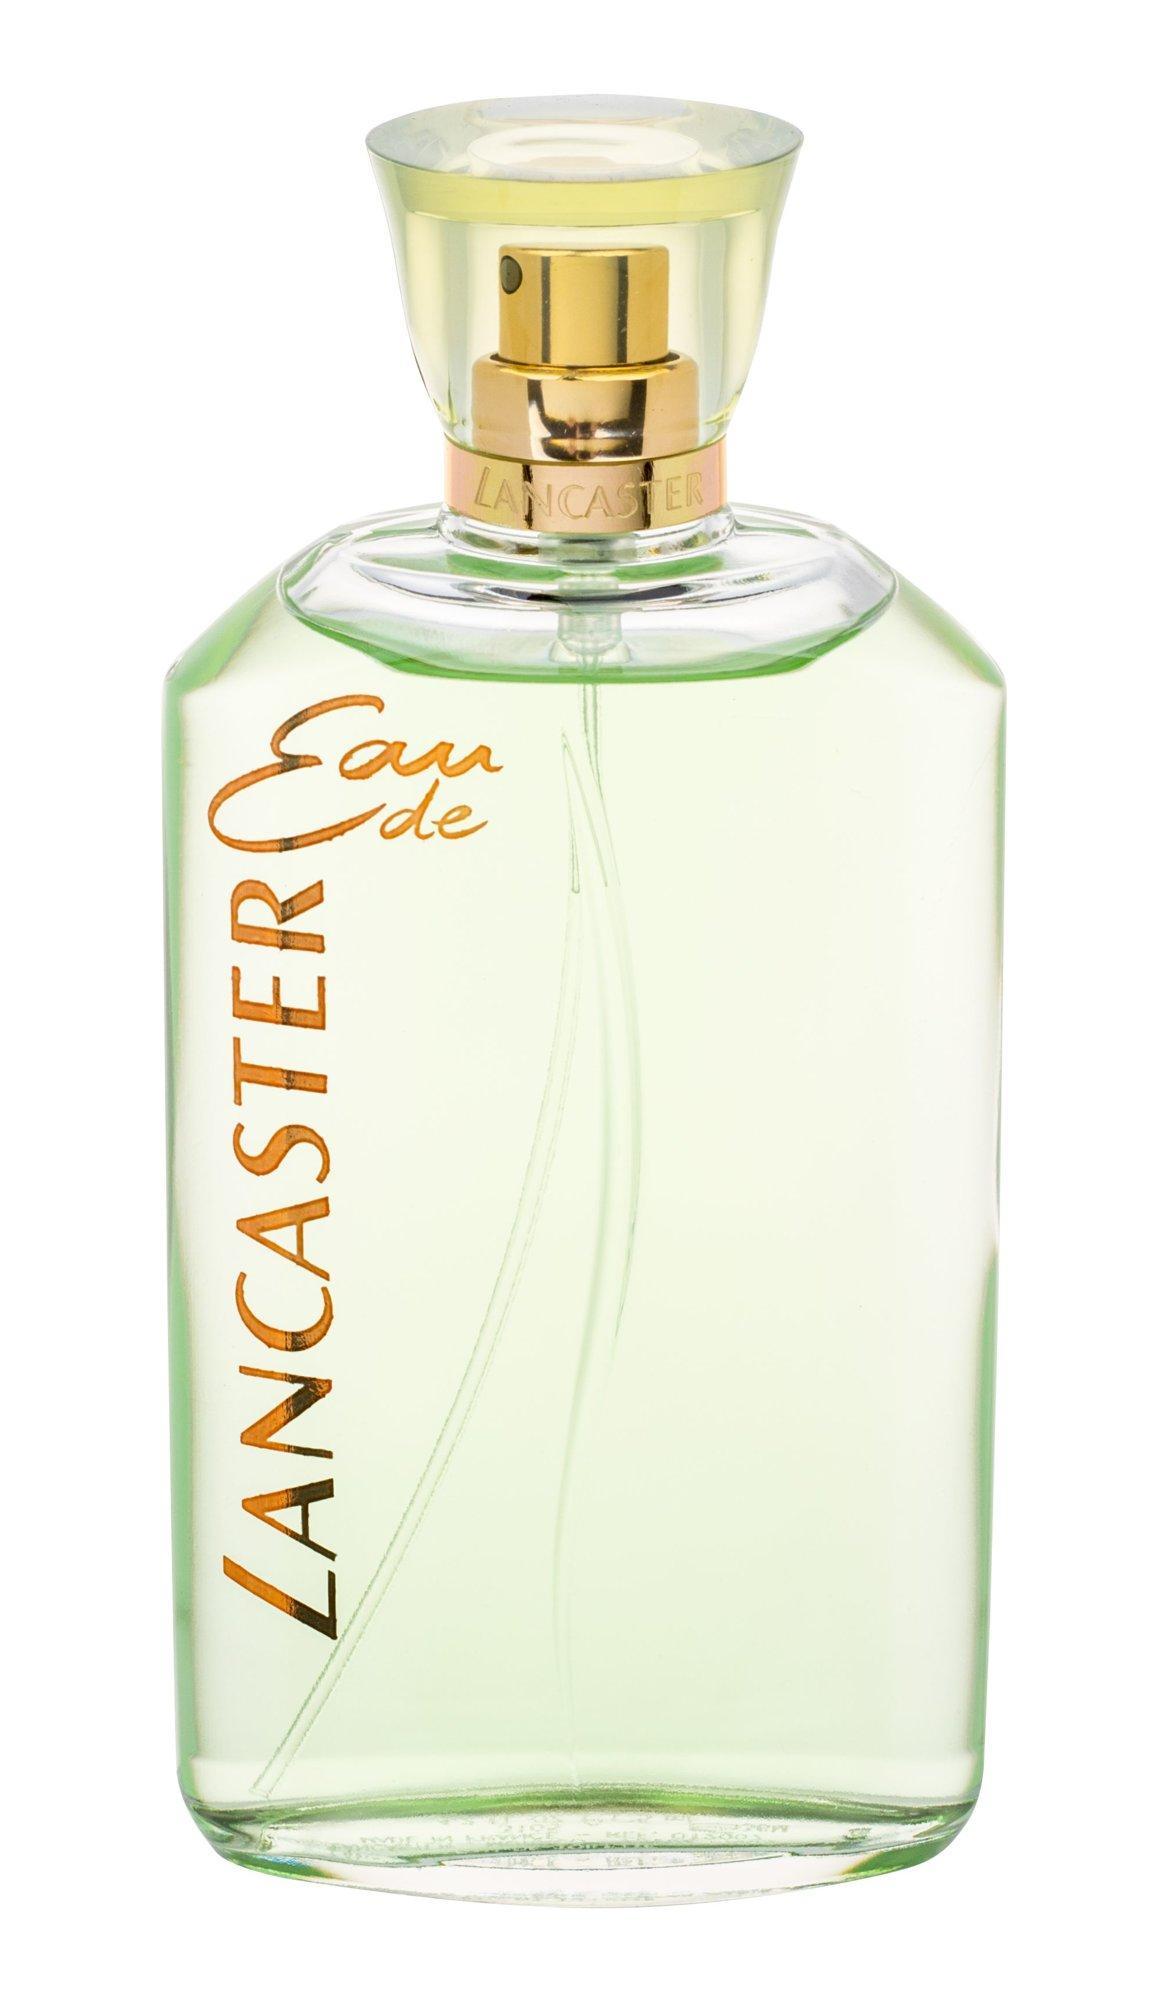 Lancaster Eau de Lancaster Grace Edition EDT 125ml